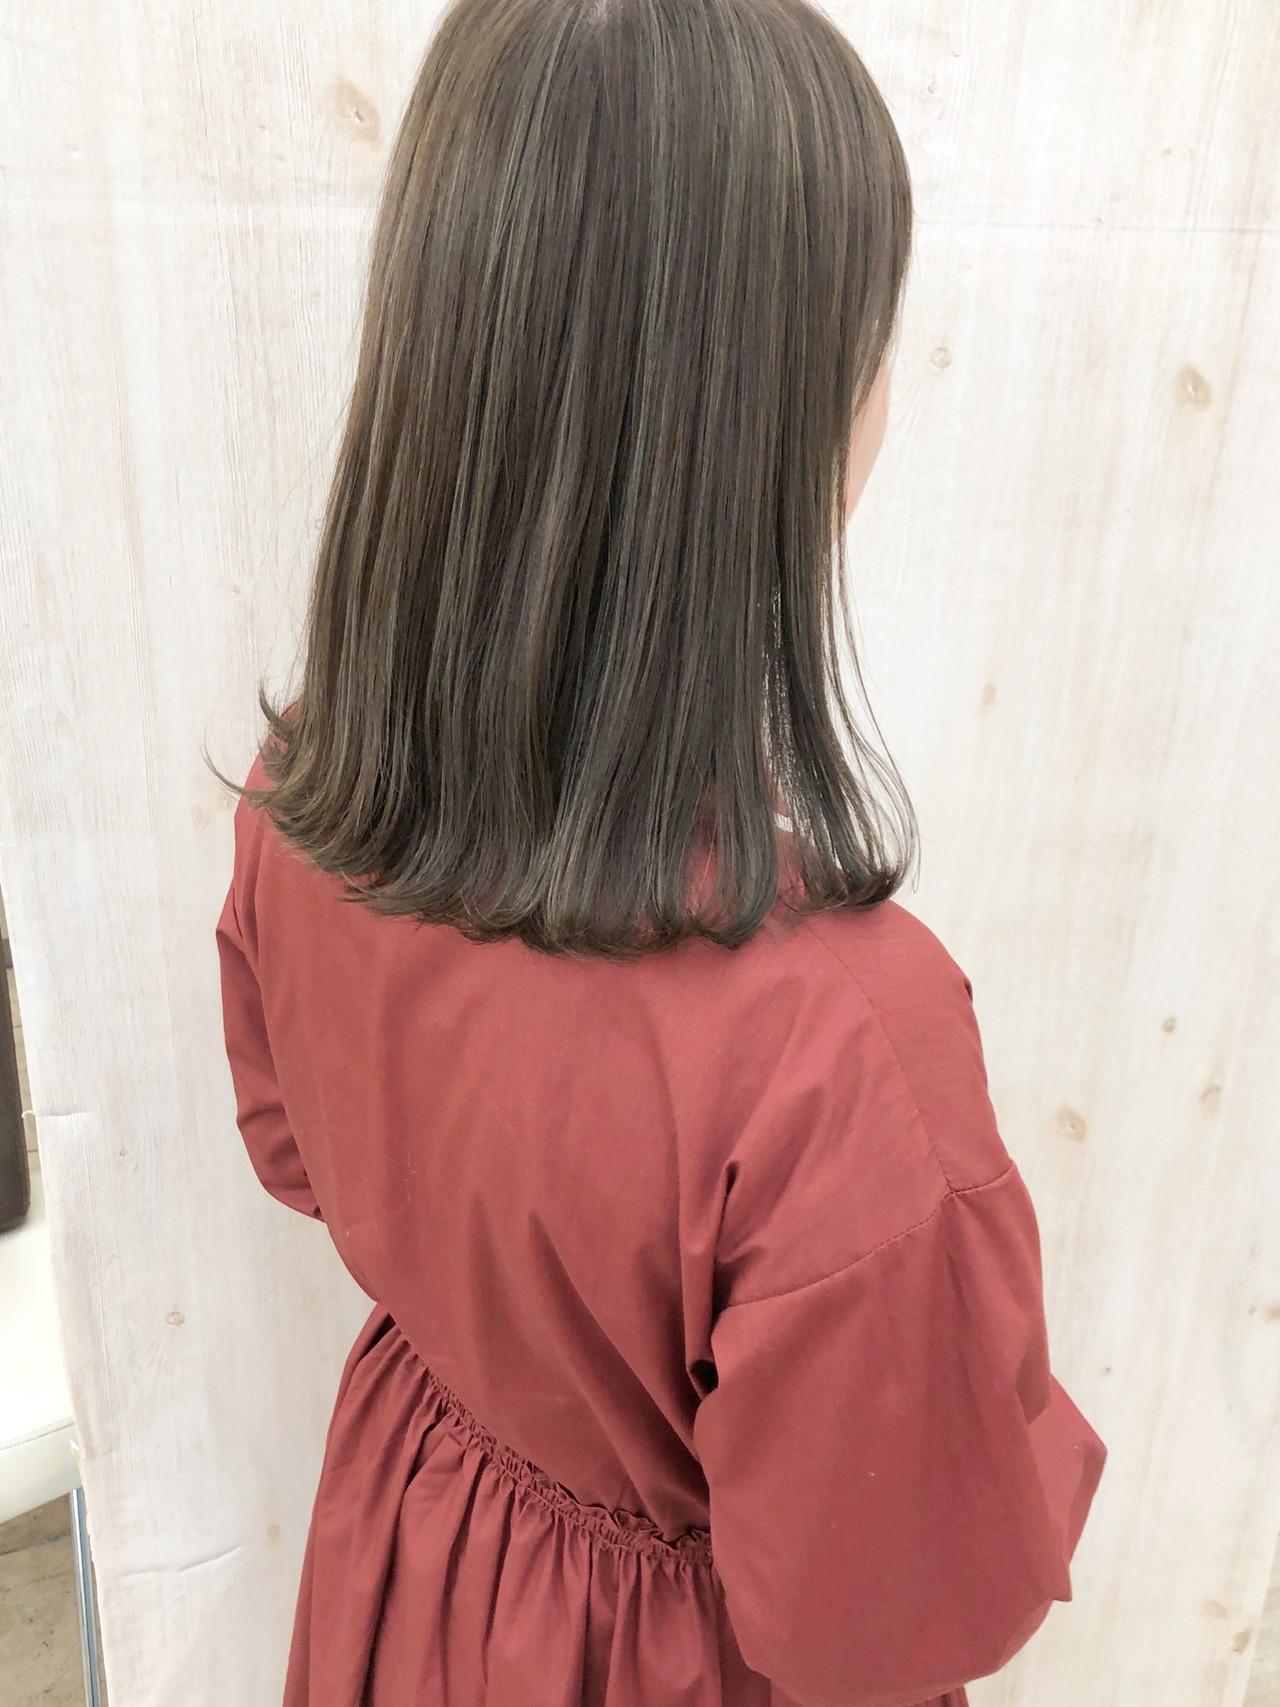 グレージュ グレーアッシュ ミディアム ナチュラル ヘアスタイルや髪型の写真・画像 | befine becs 下川 千尋 / Befine becs